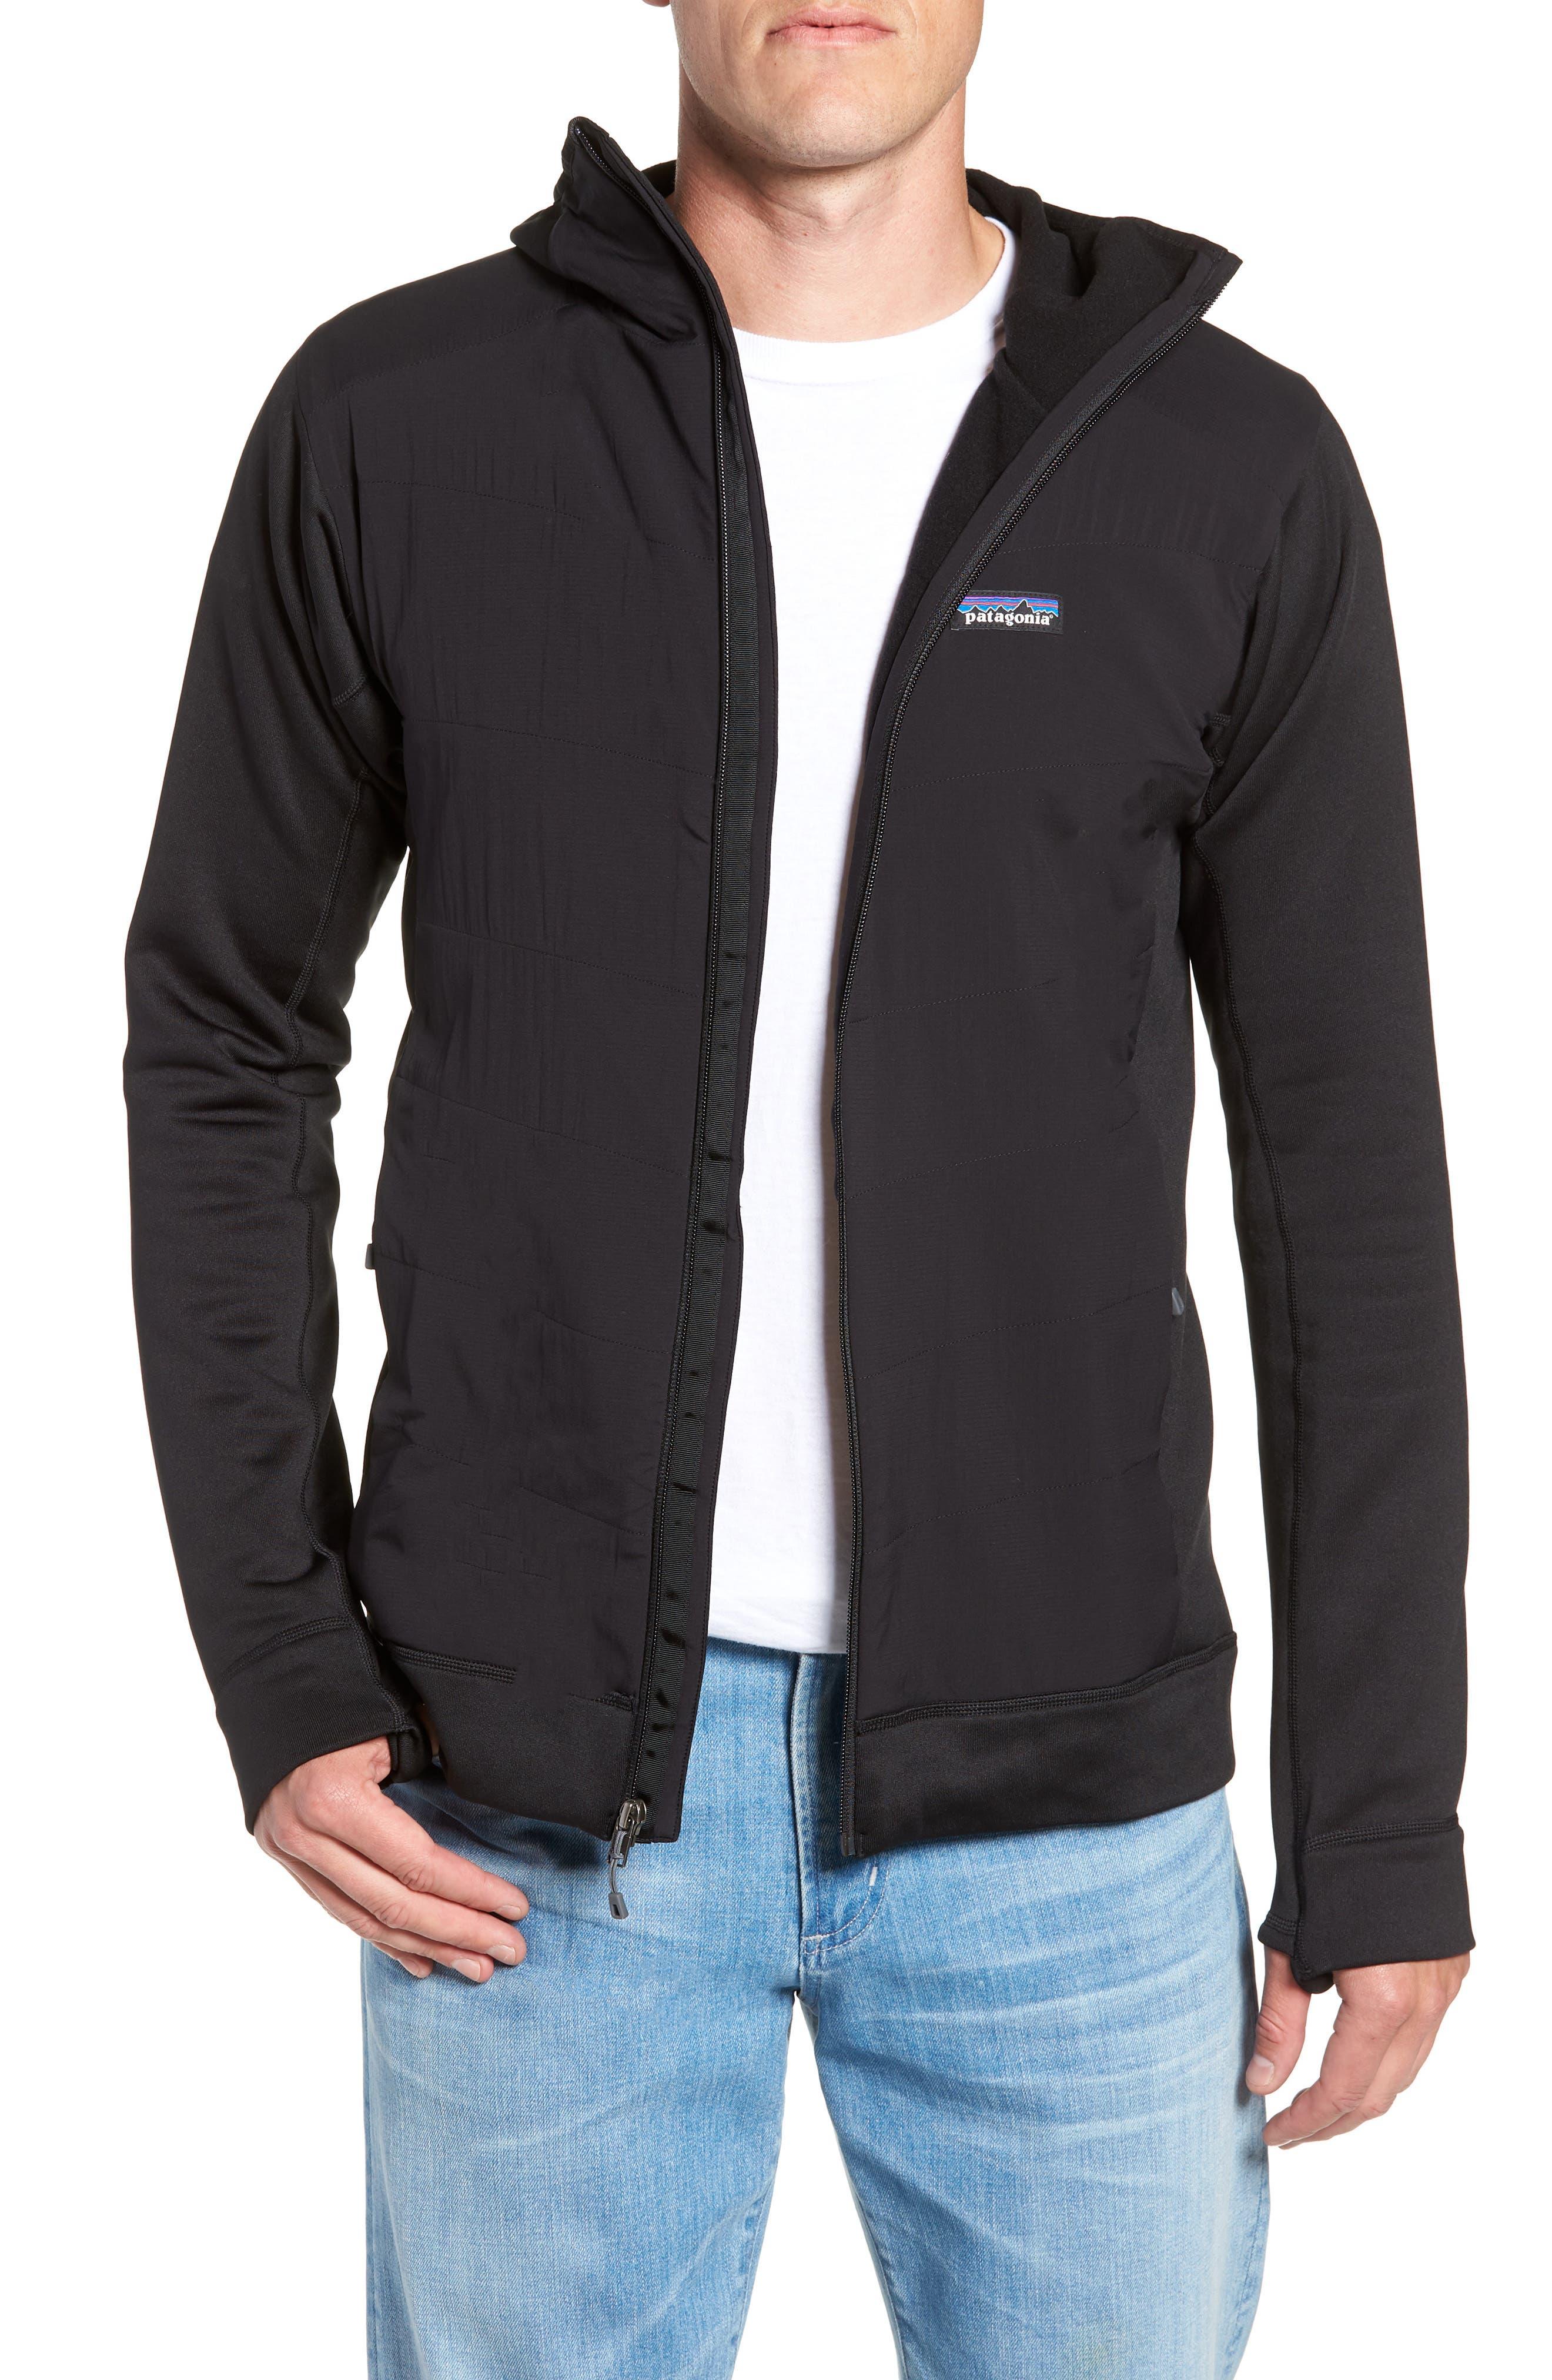 Crosstek Hybrid Hooded Jacket,                         Main,                         color, BLACK